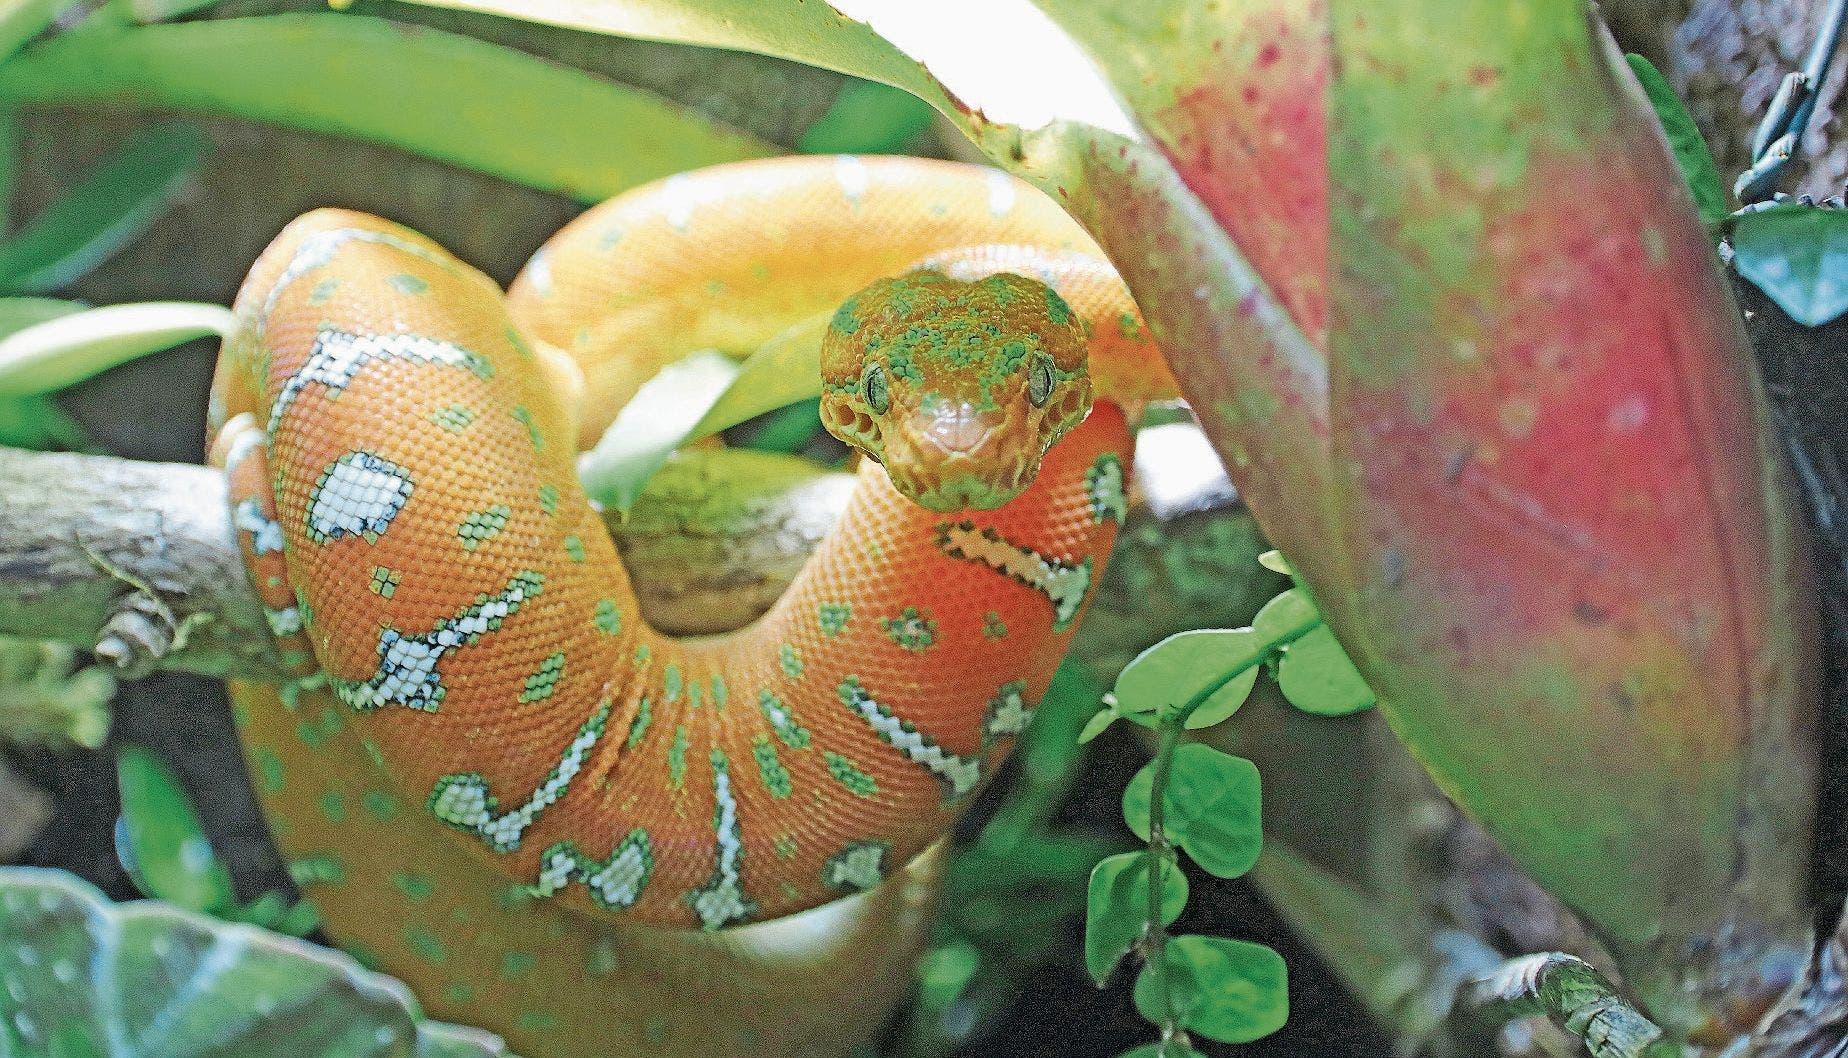 Noch ist der Grüne Hundskopfschlinger aus dem Amazonasbecken orange-rötlich gefärbt. (Bild: Benjamin Schmid)